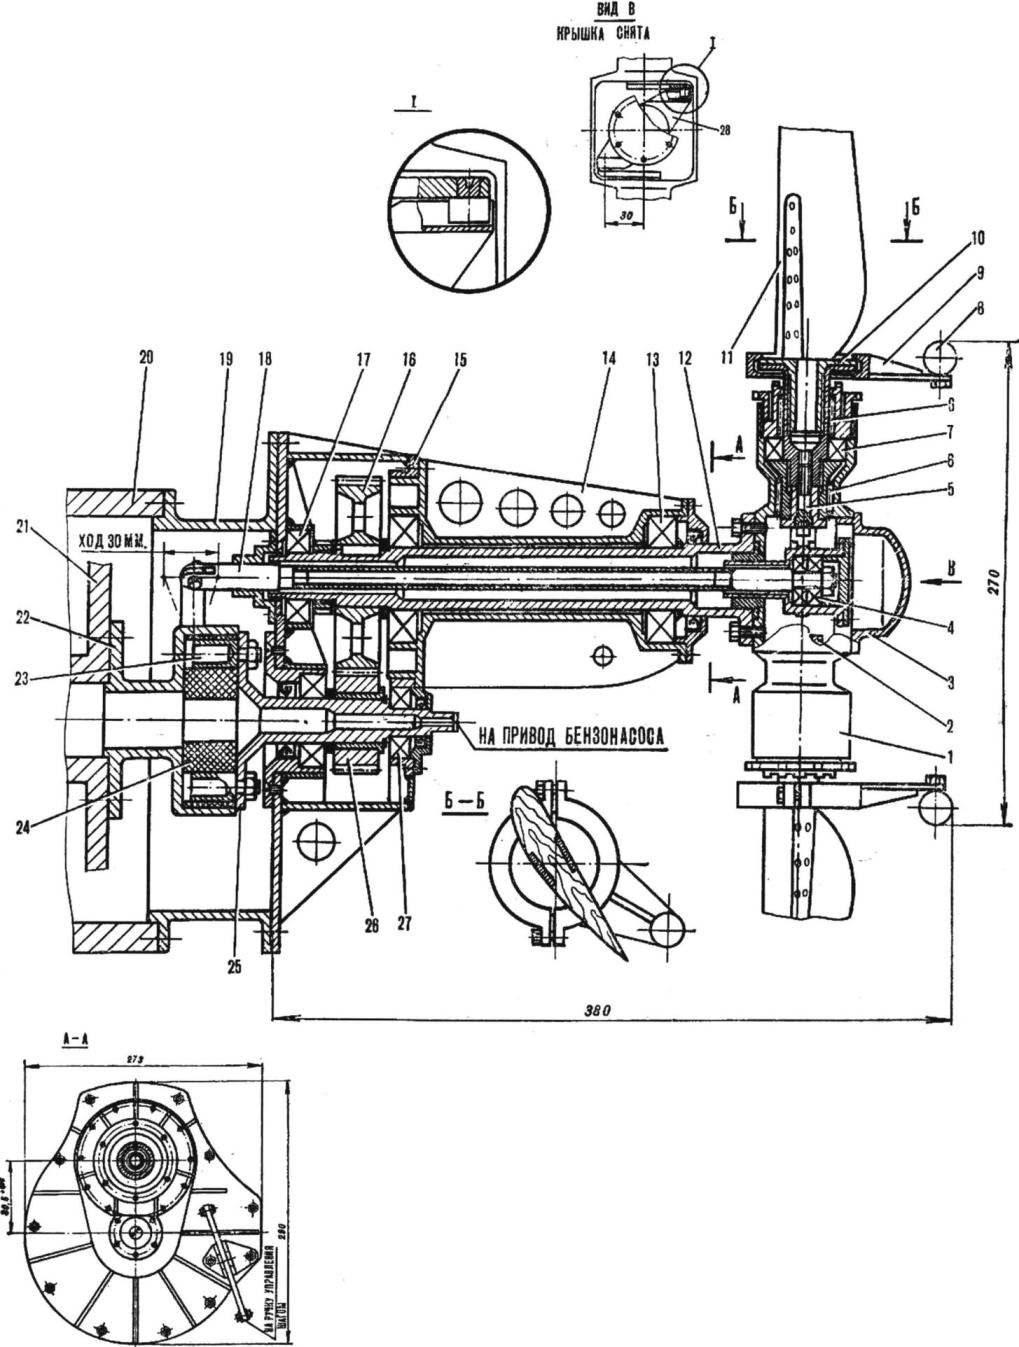 Рис. 6. Механизм изменения шага винта и редуктор